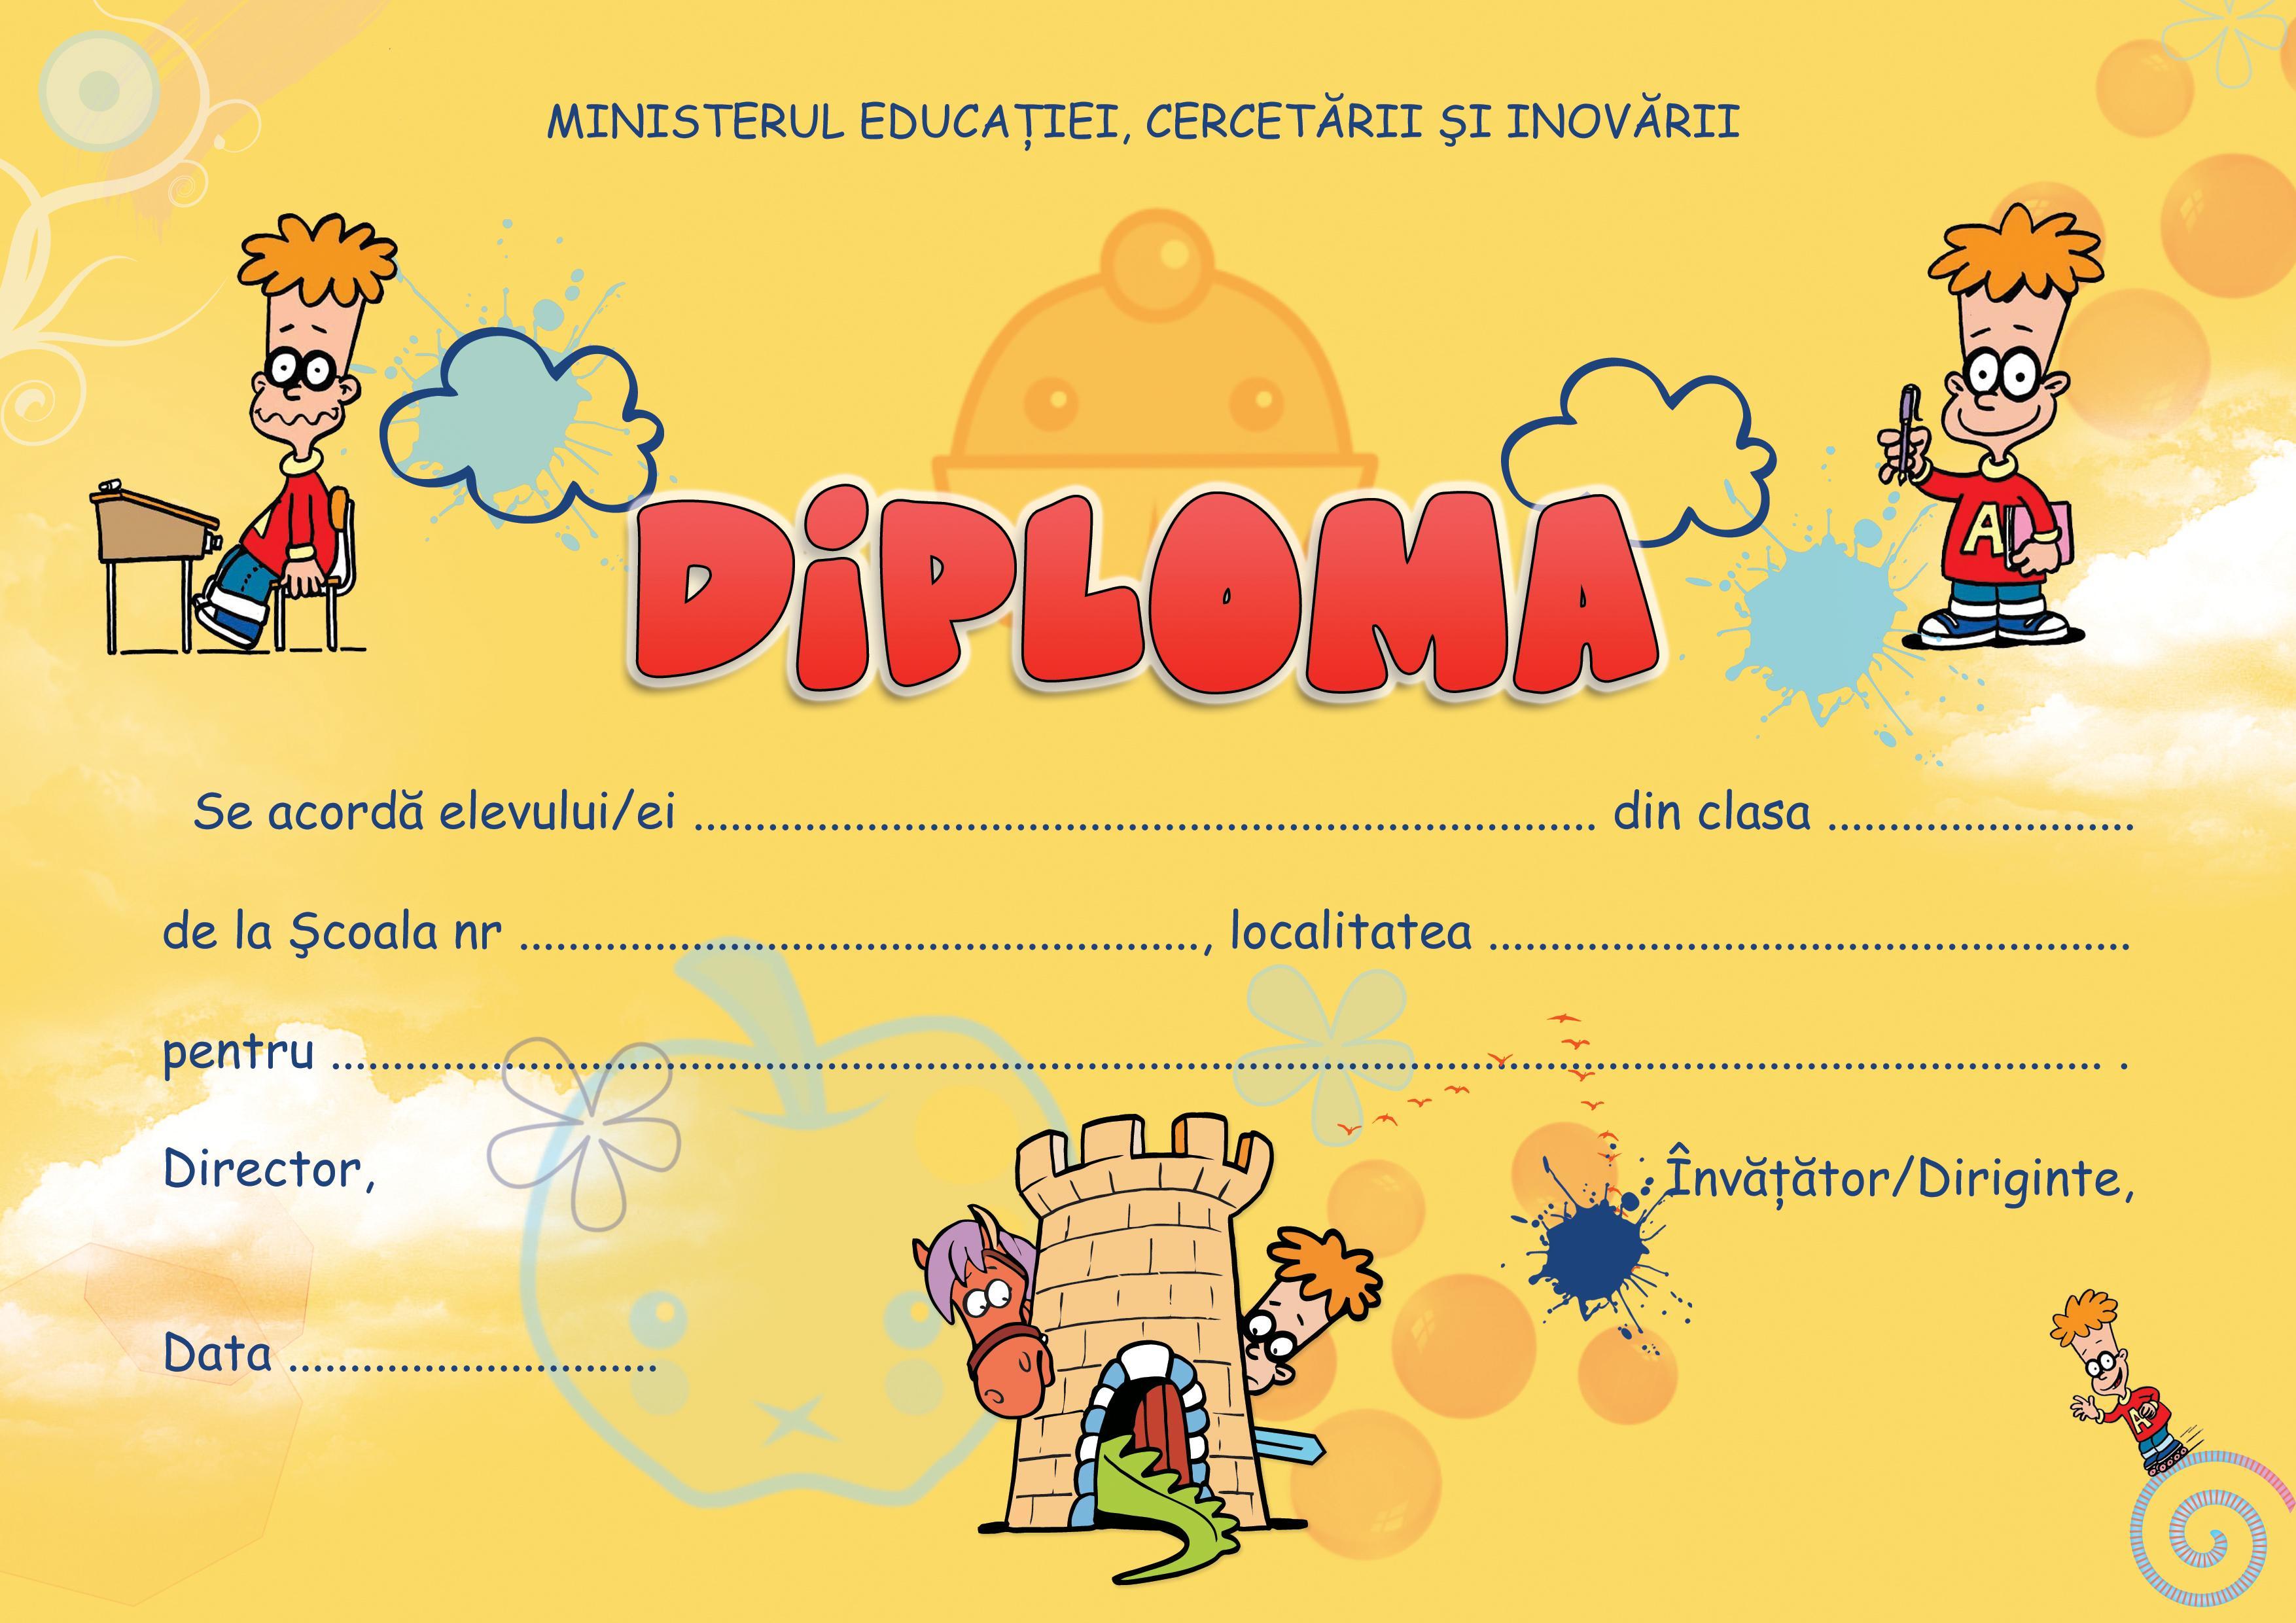 Diploma scolara - edu.ro